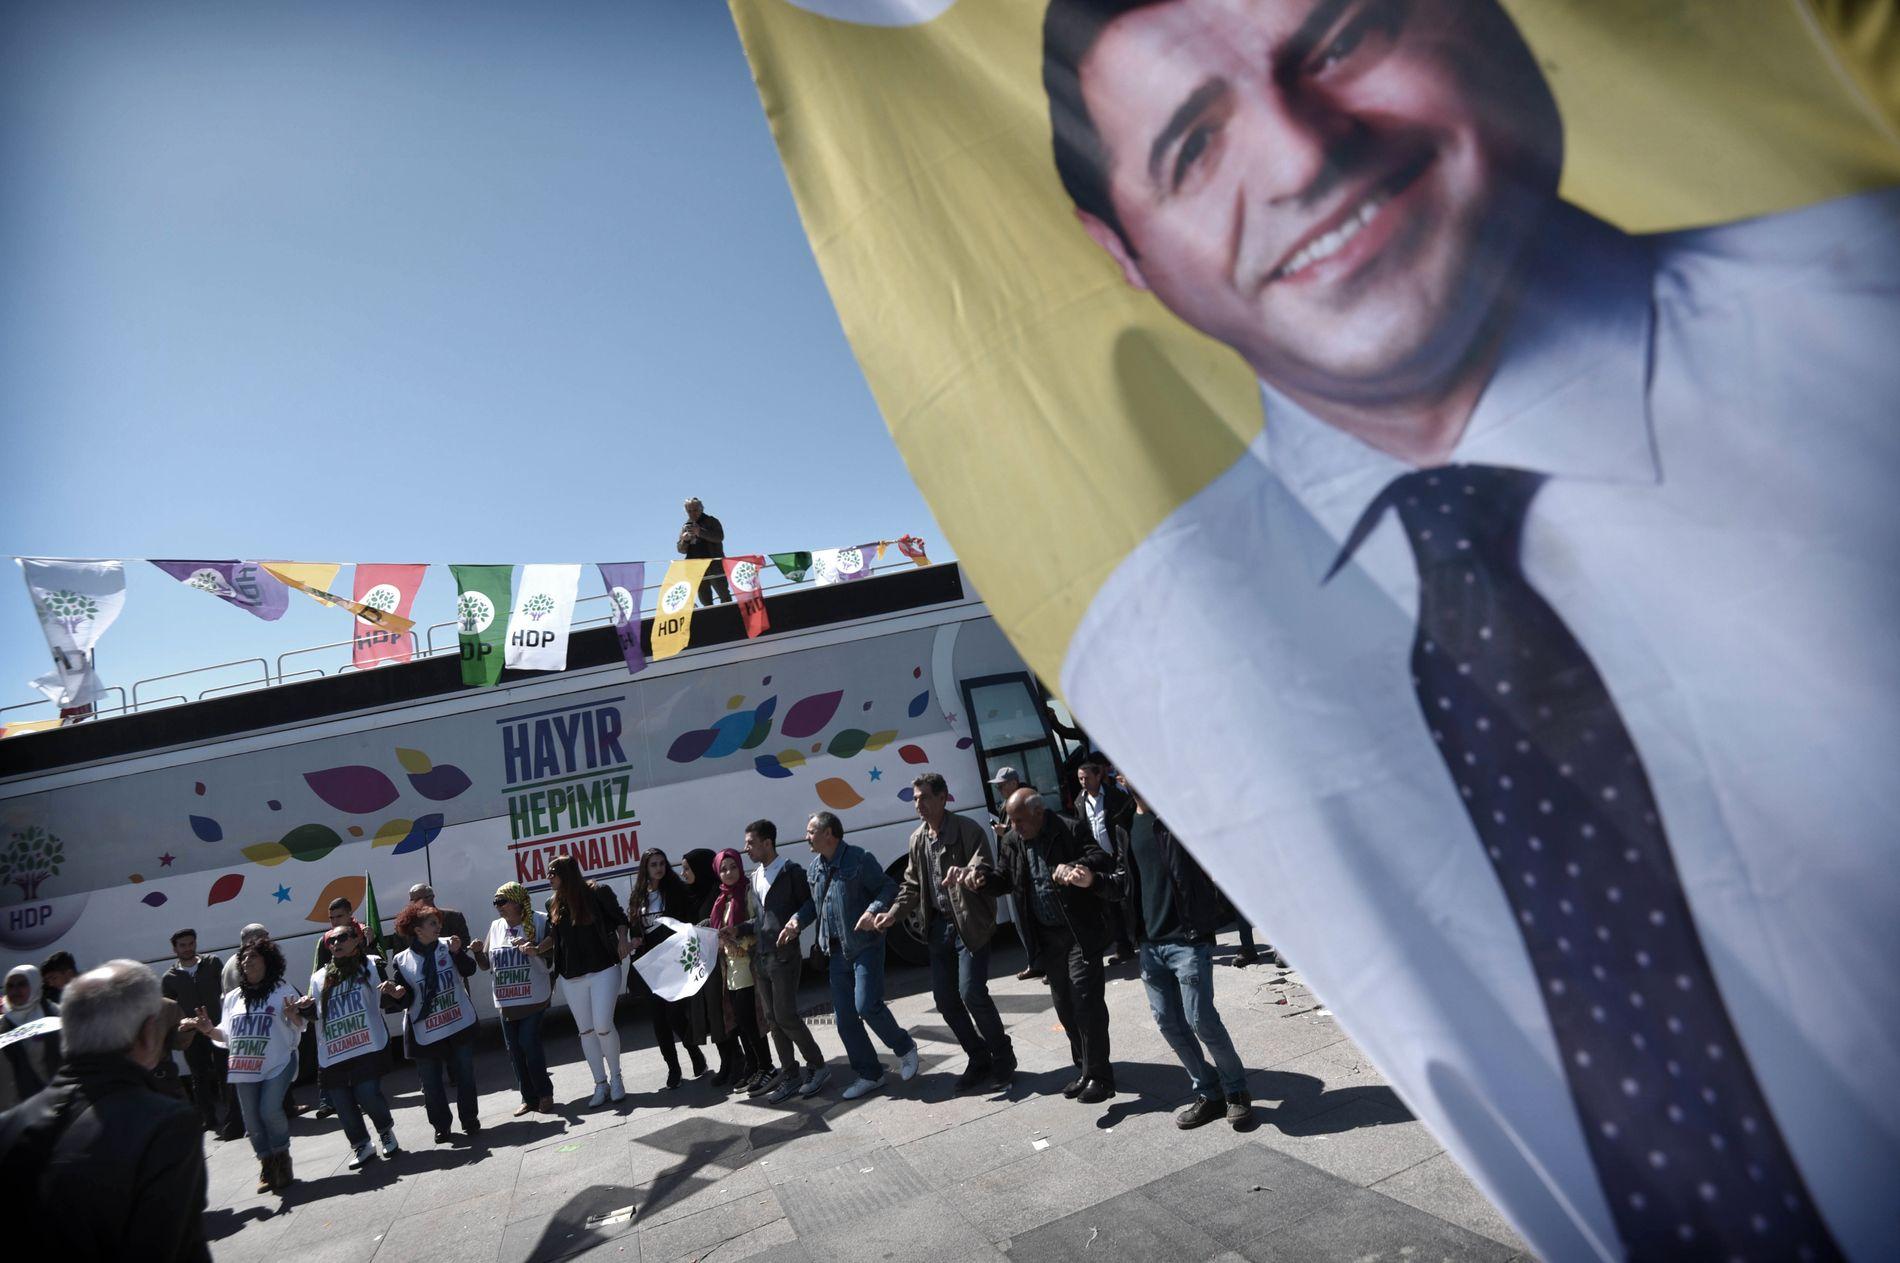 IKONISK: Den fengslede partilederen Selahattin Demirtas er fortsatt godt synlig på HDP sine arrangementer.